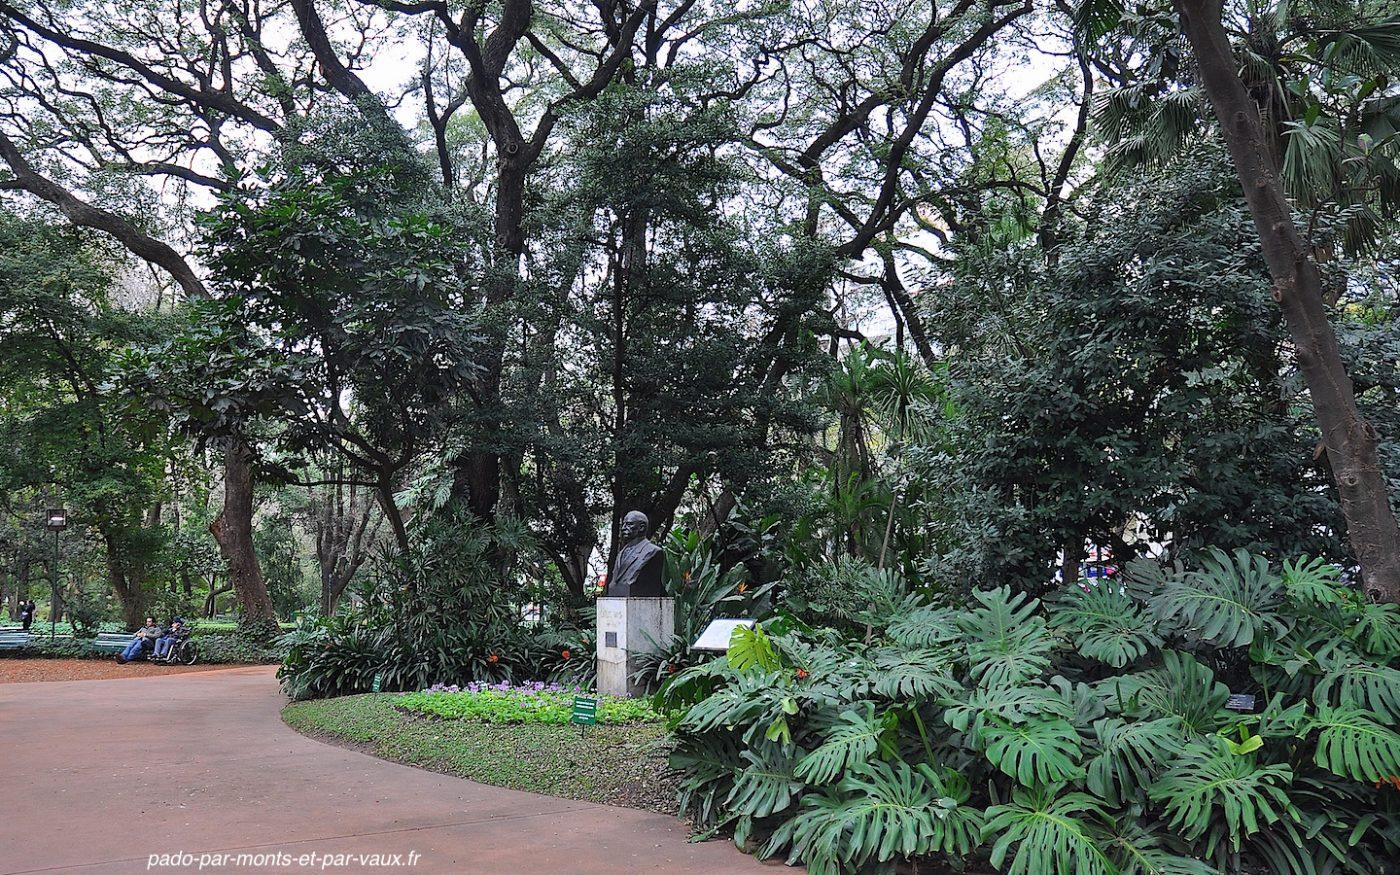 Buenos Aires - Parque de Palermo